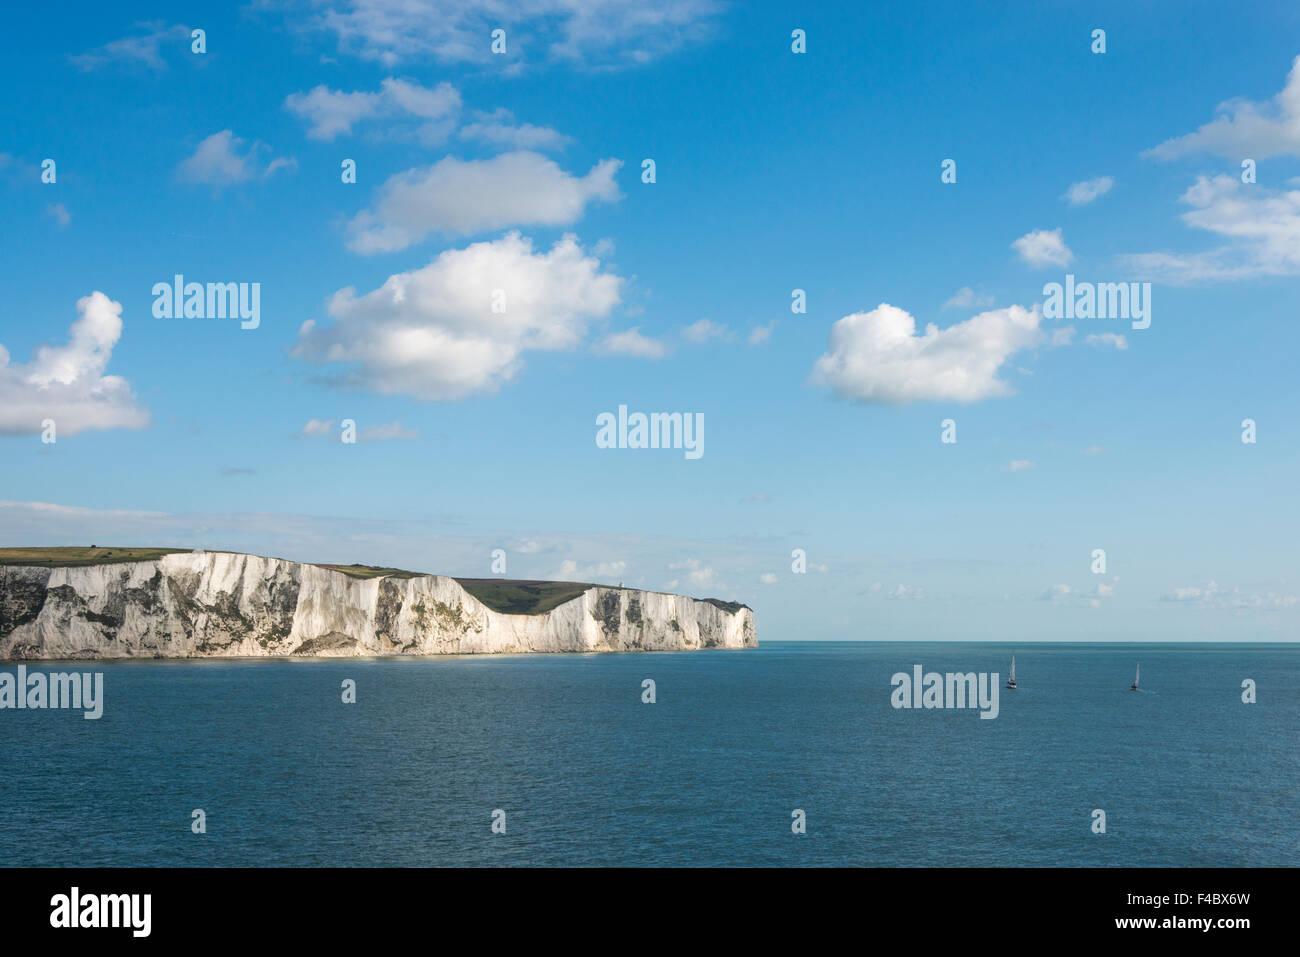 Le Bianche Scogliere di Dover sulla costa meridionale del Regno Unito Immagini Stock